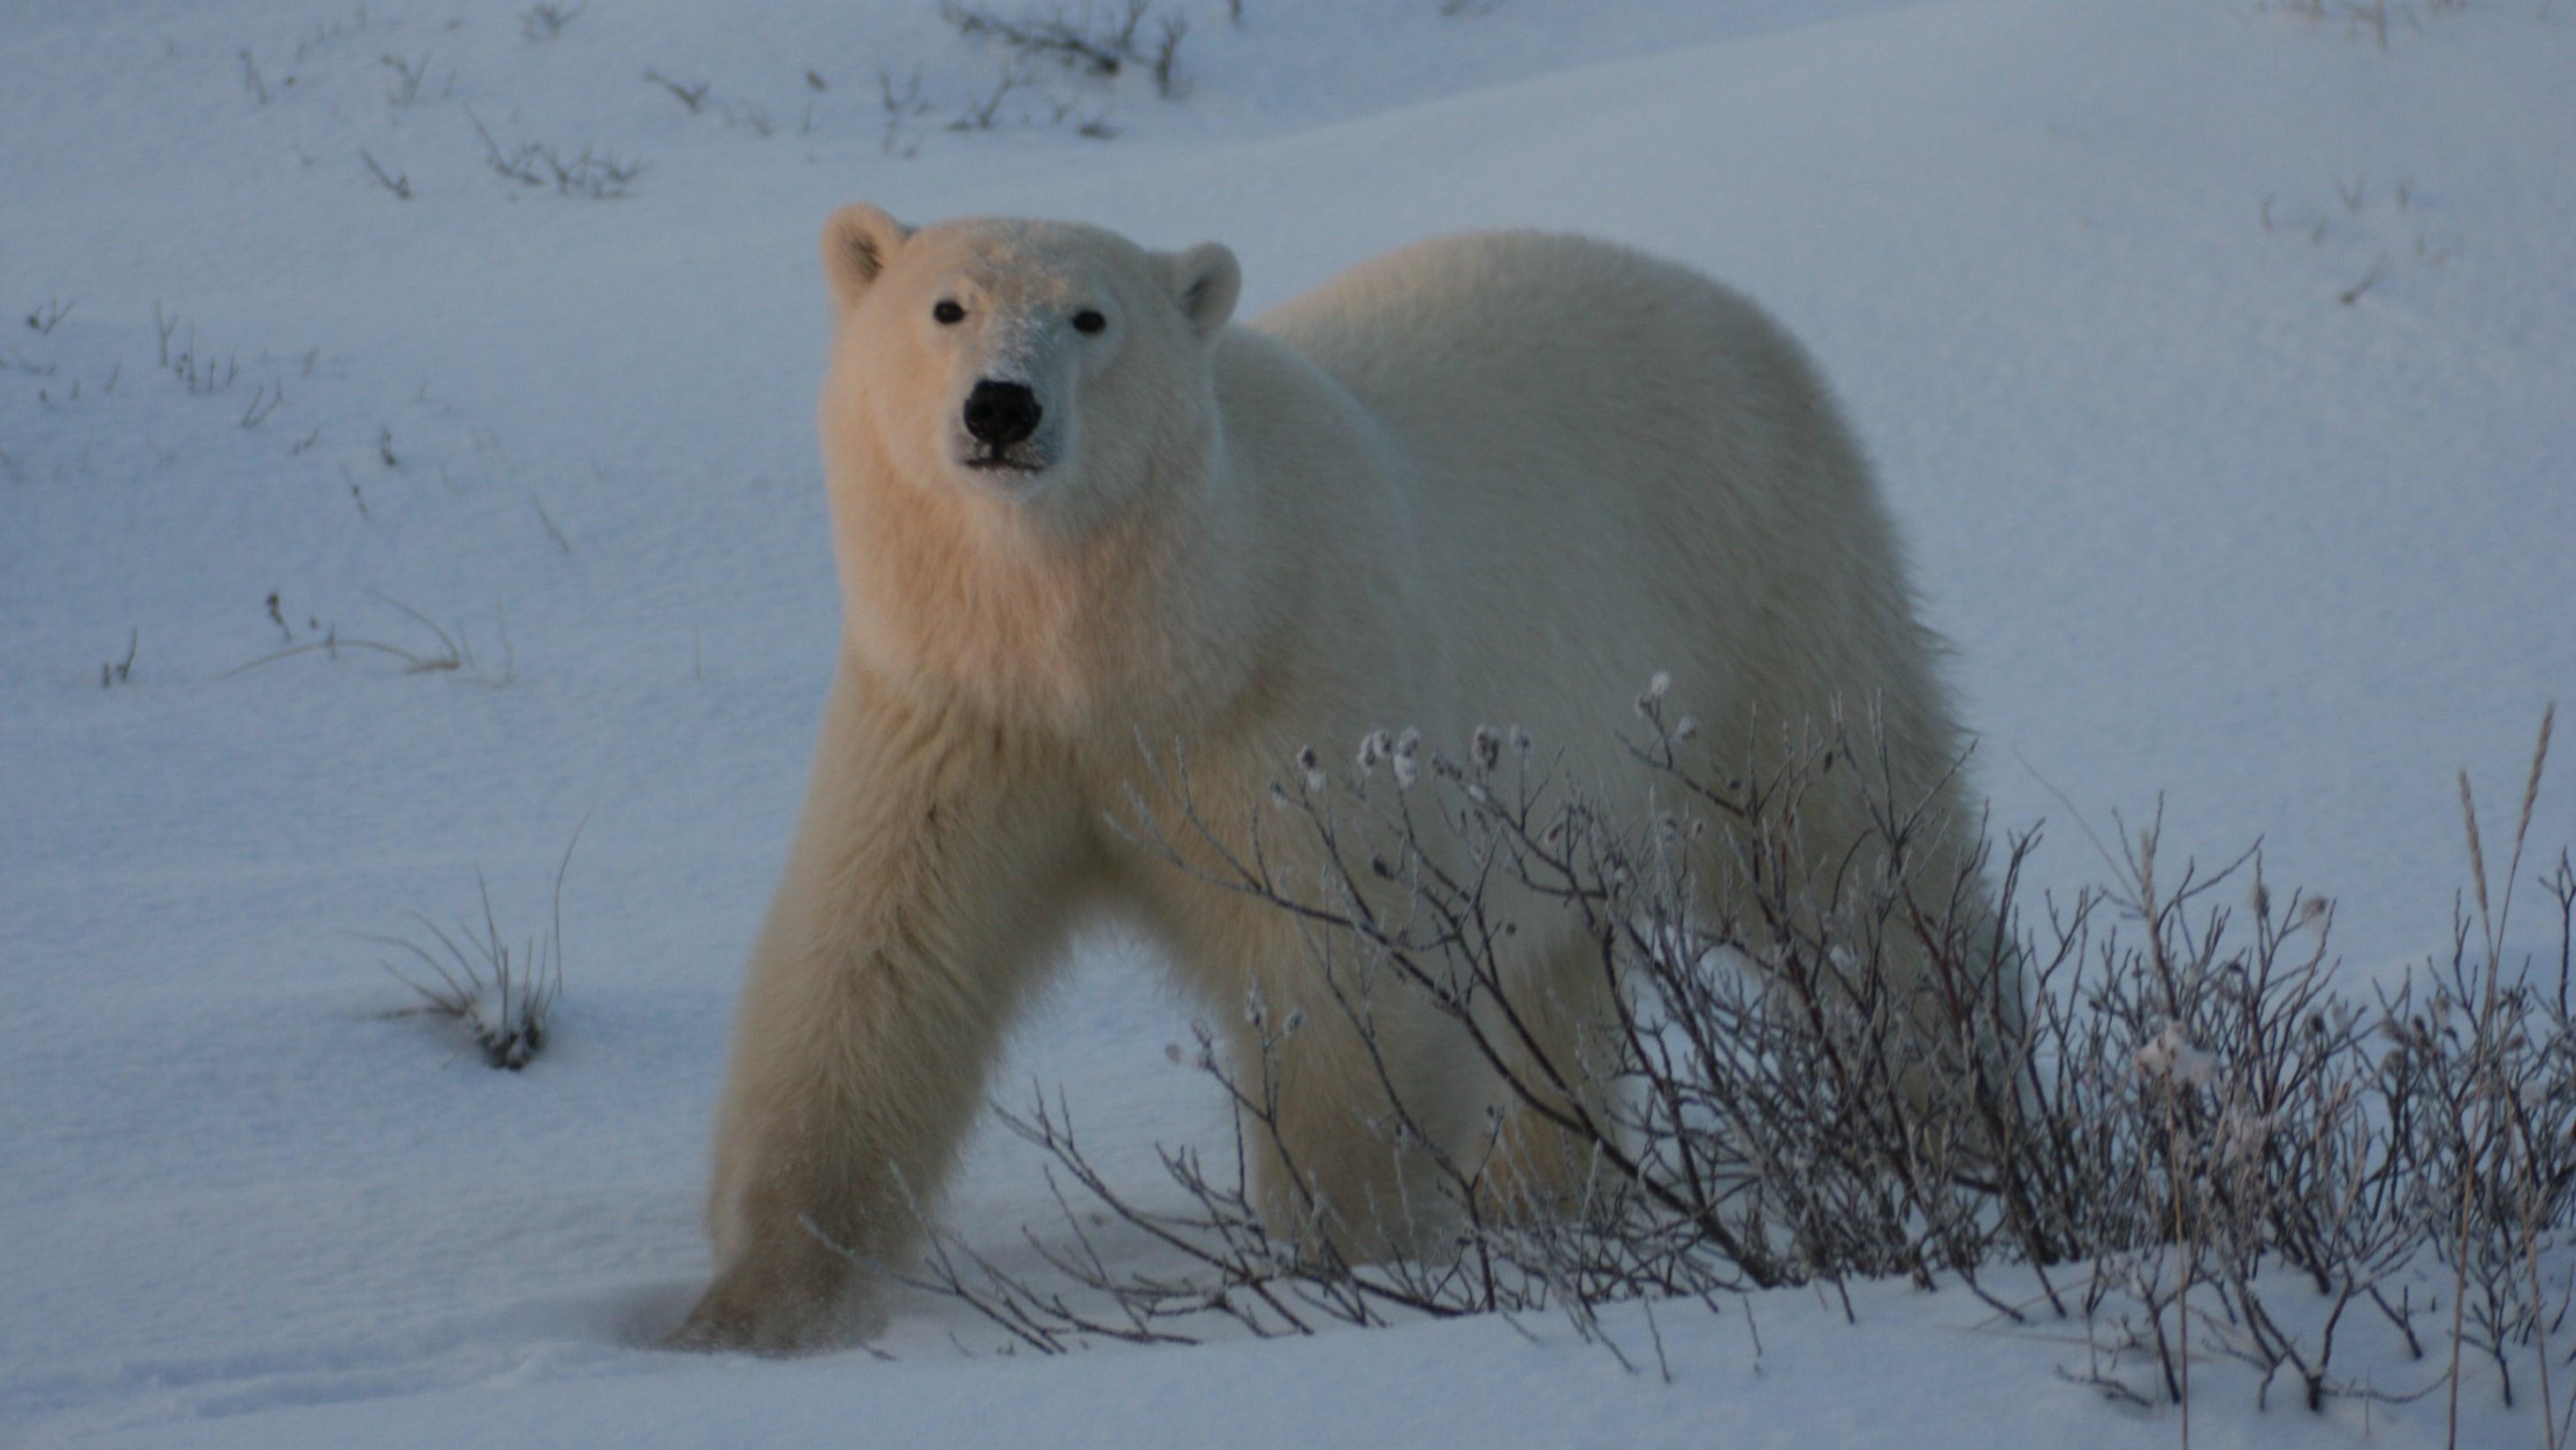 Bei Ausflug von Kreuzfahrttouristen: Eisbär attackiert Mann auf Spitzbergen